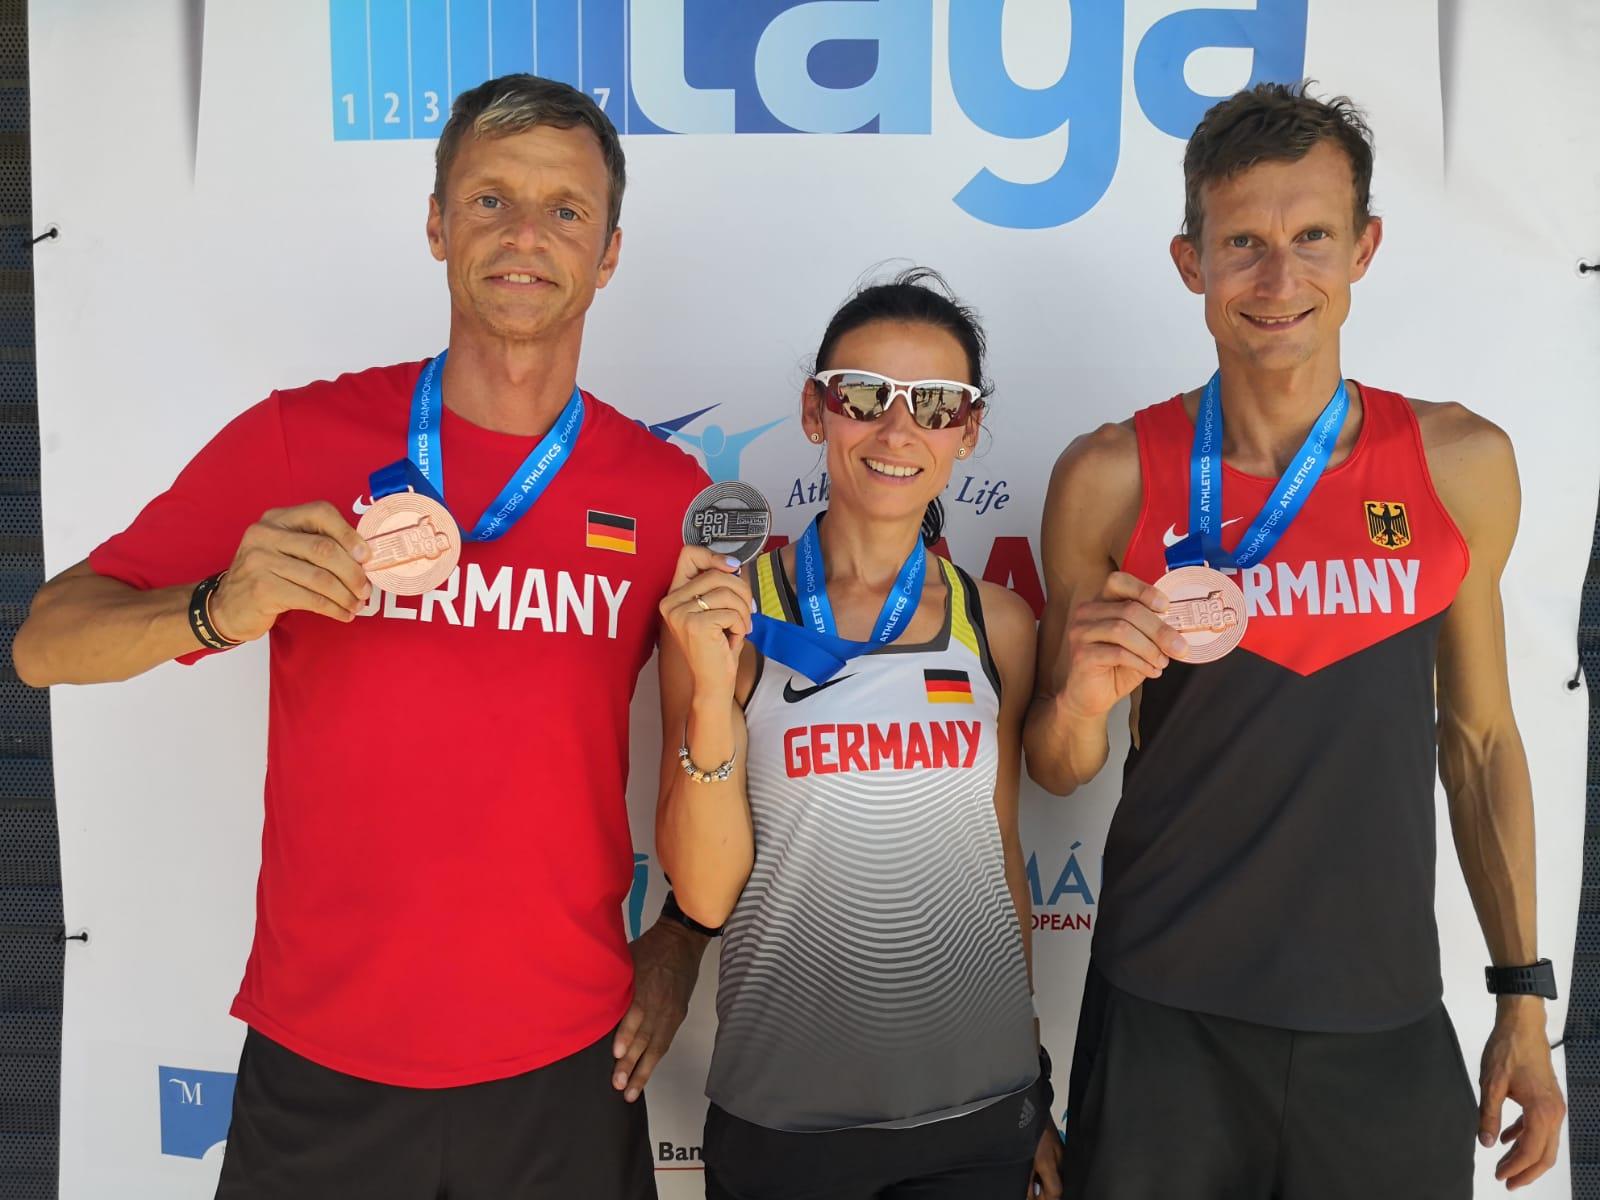 Leichathletikverband ehrt erfolgreiche Athleten und Trainer der Saison 2018